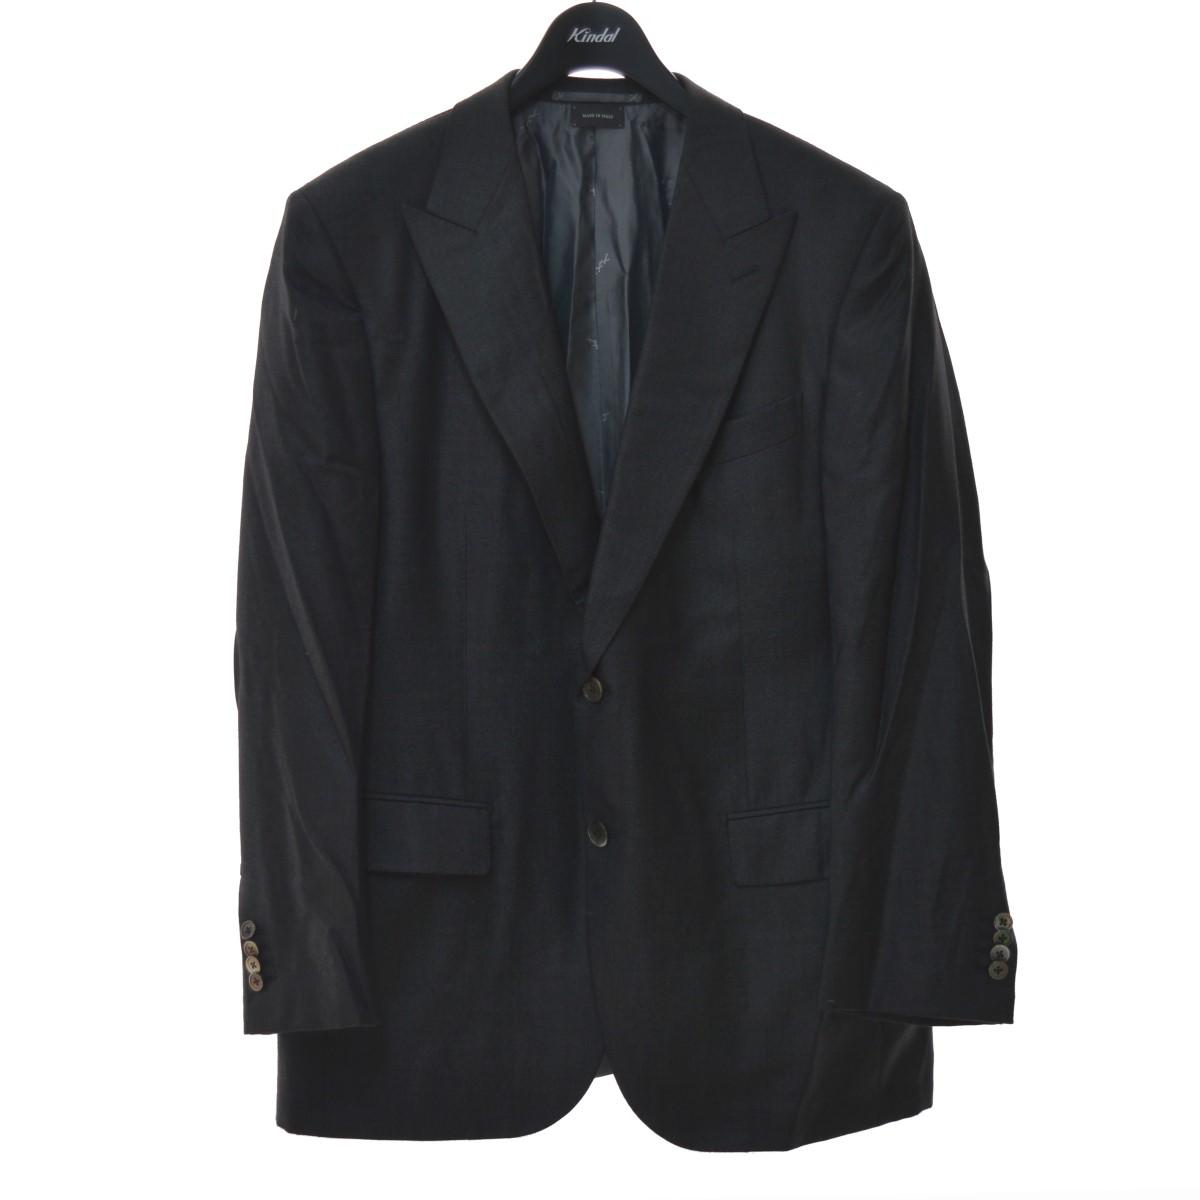 エルメネジルドゼニア 高級 中古 商品追加値下げ在庫復活 Ermenegildo Zegna サイズ:52 081120 セットアップスーツ グレー